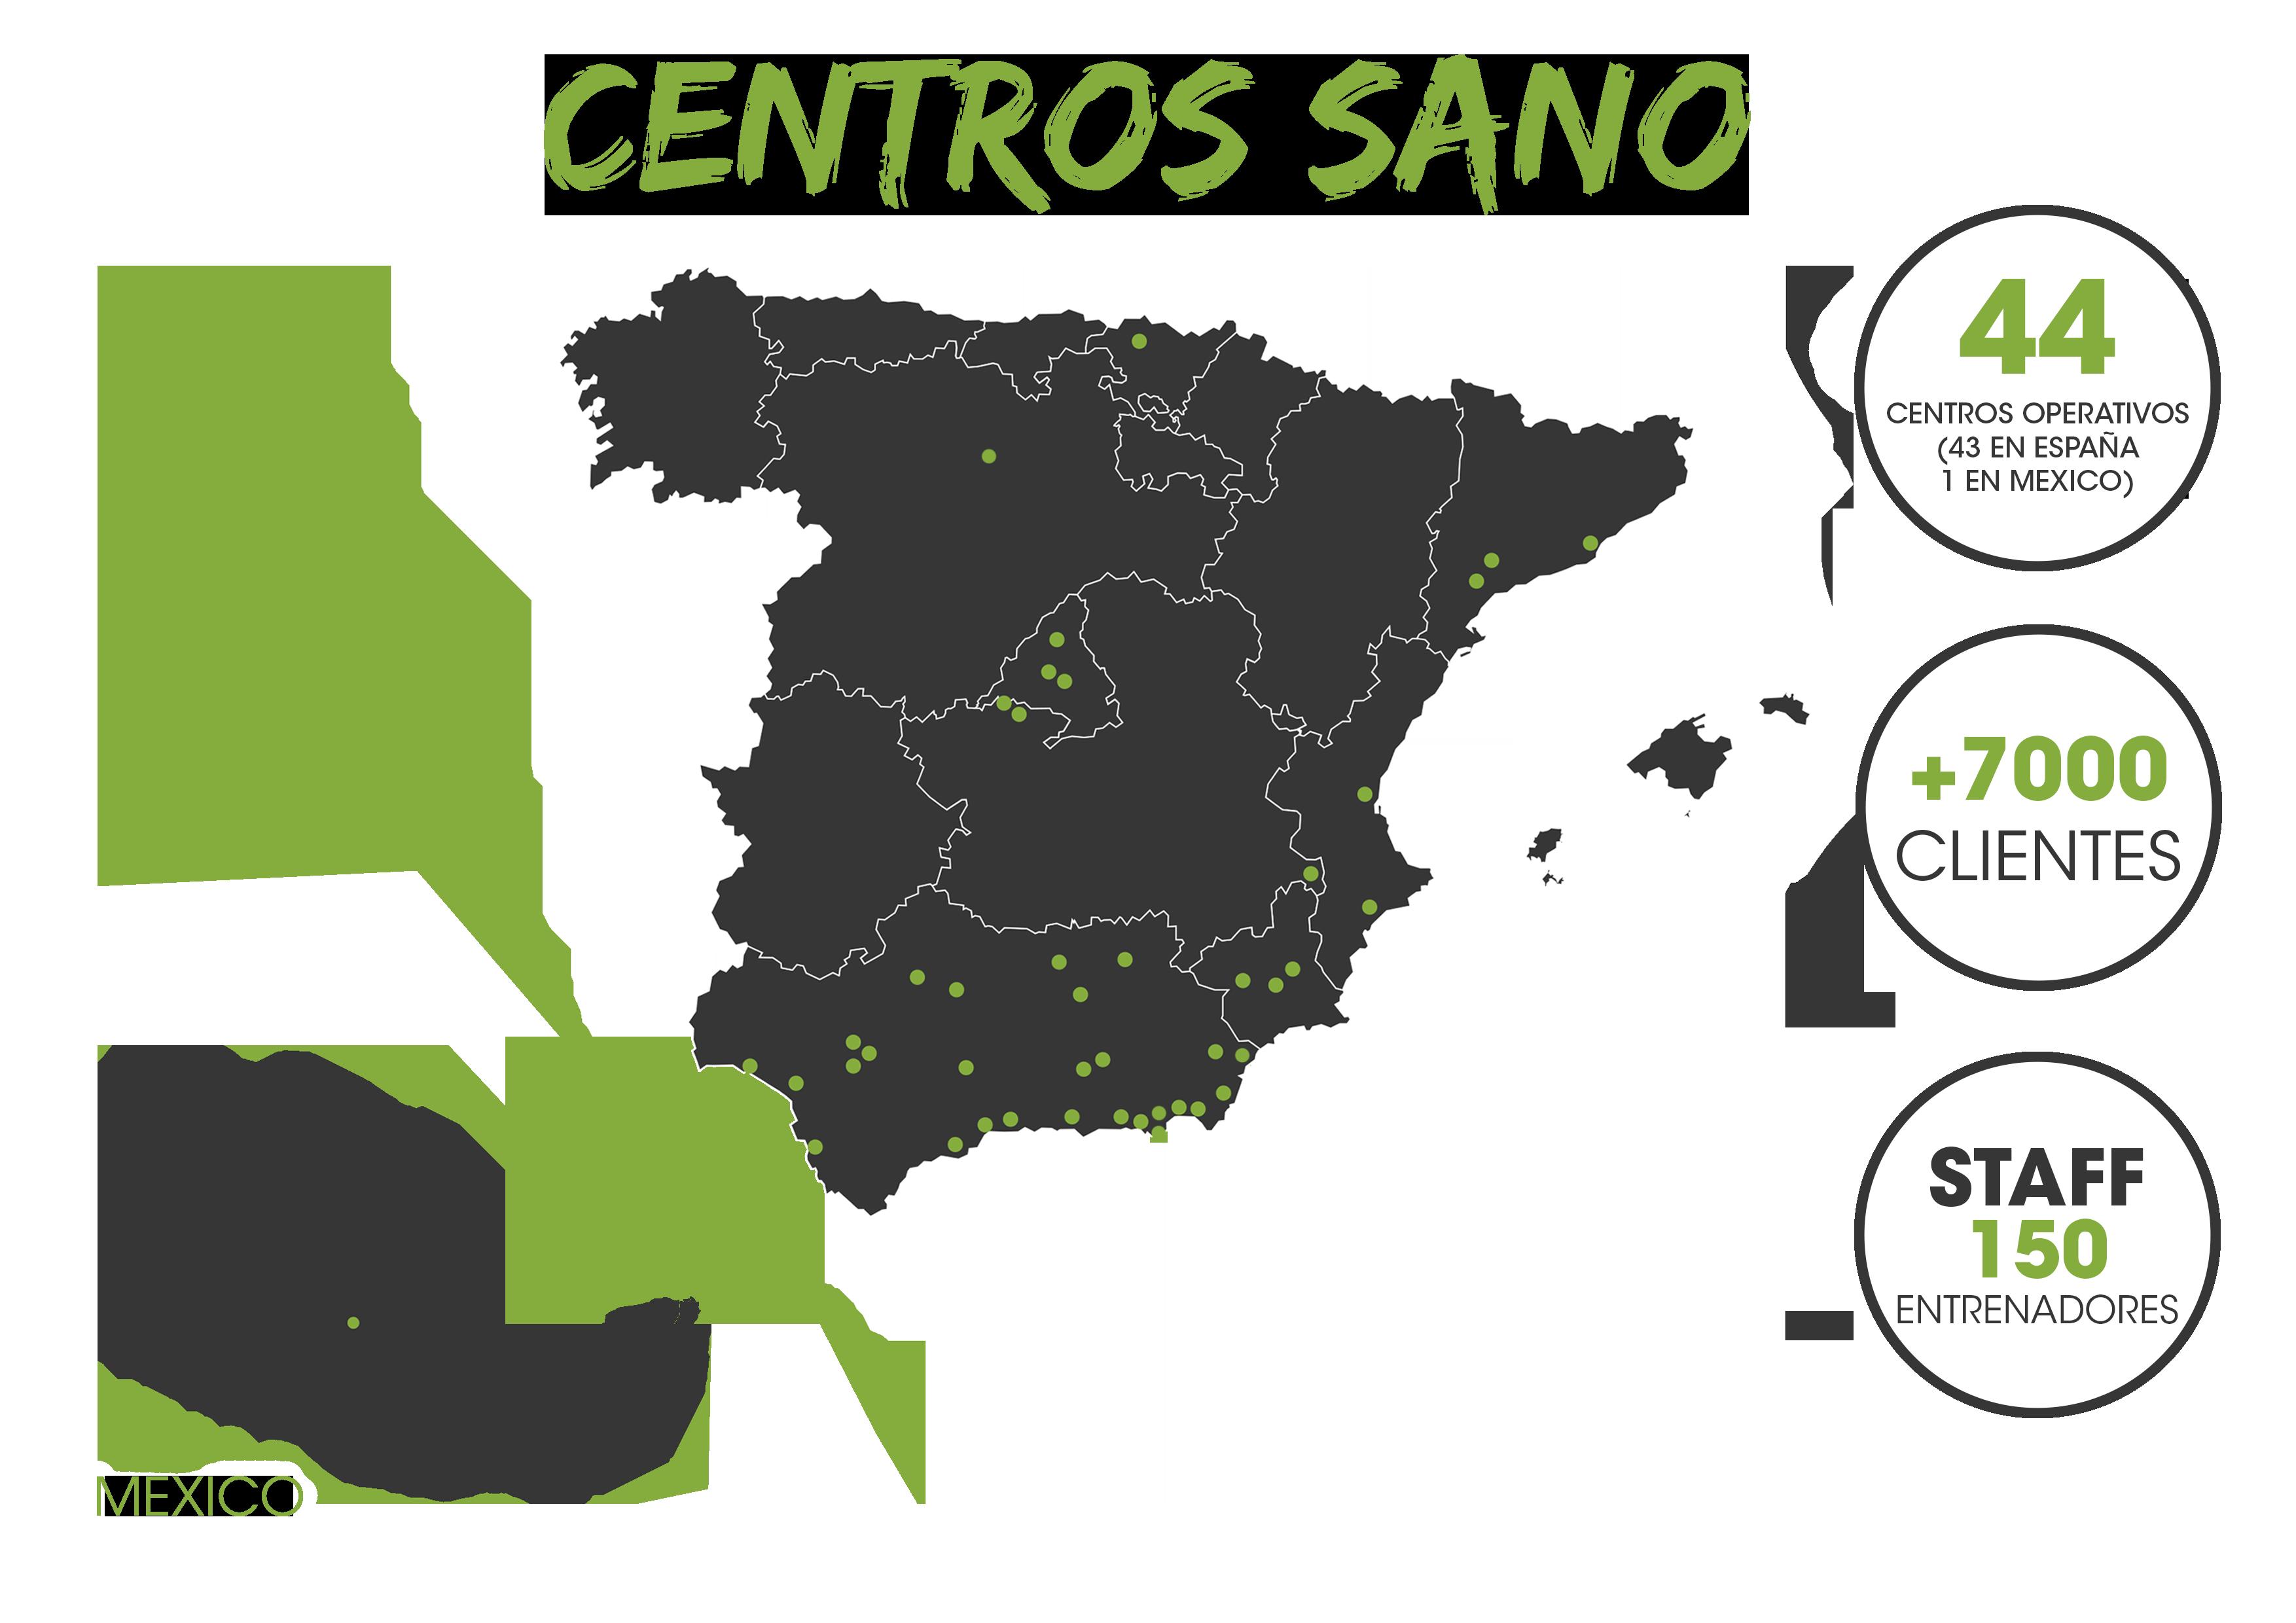 centros-sano